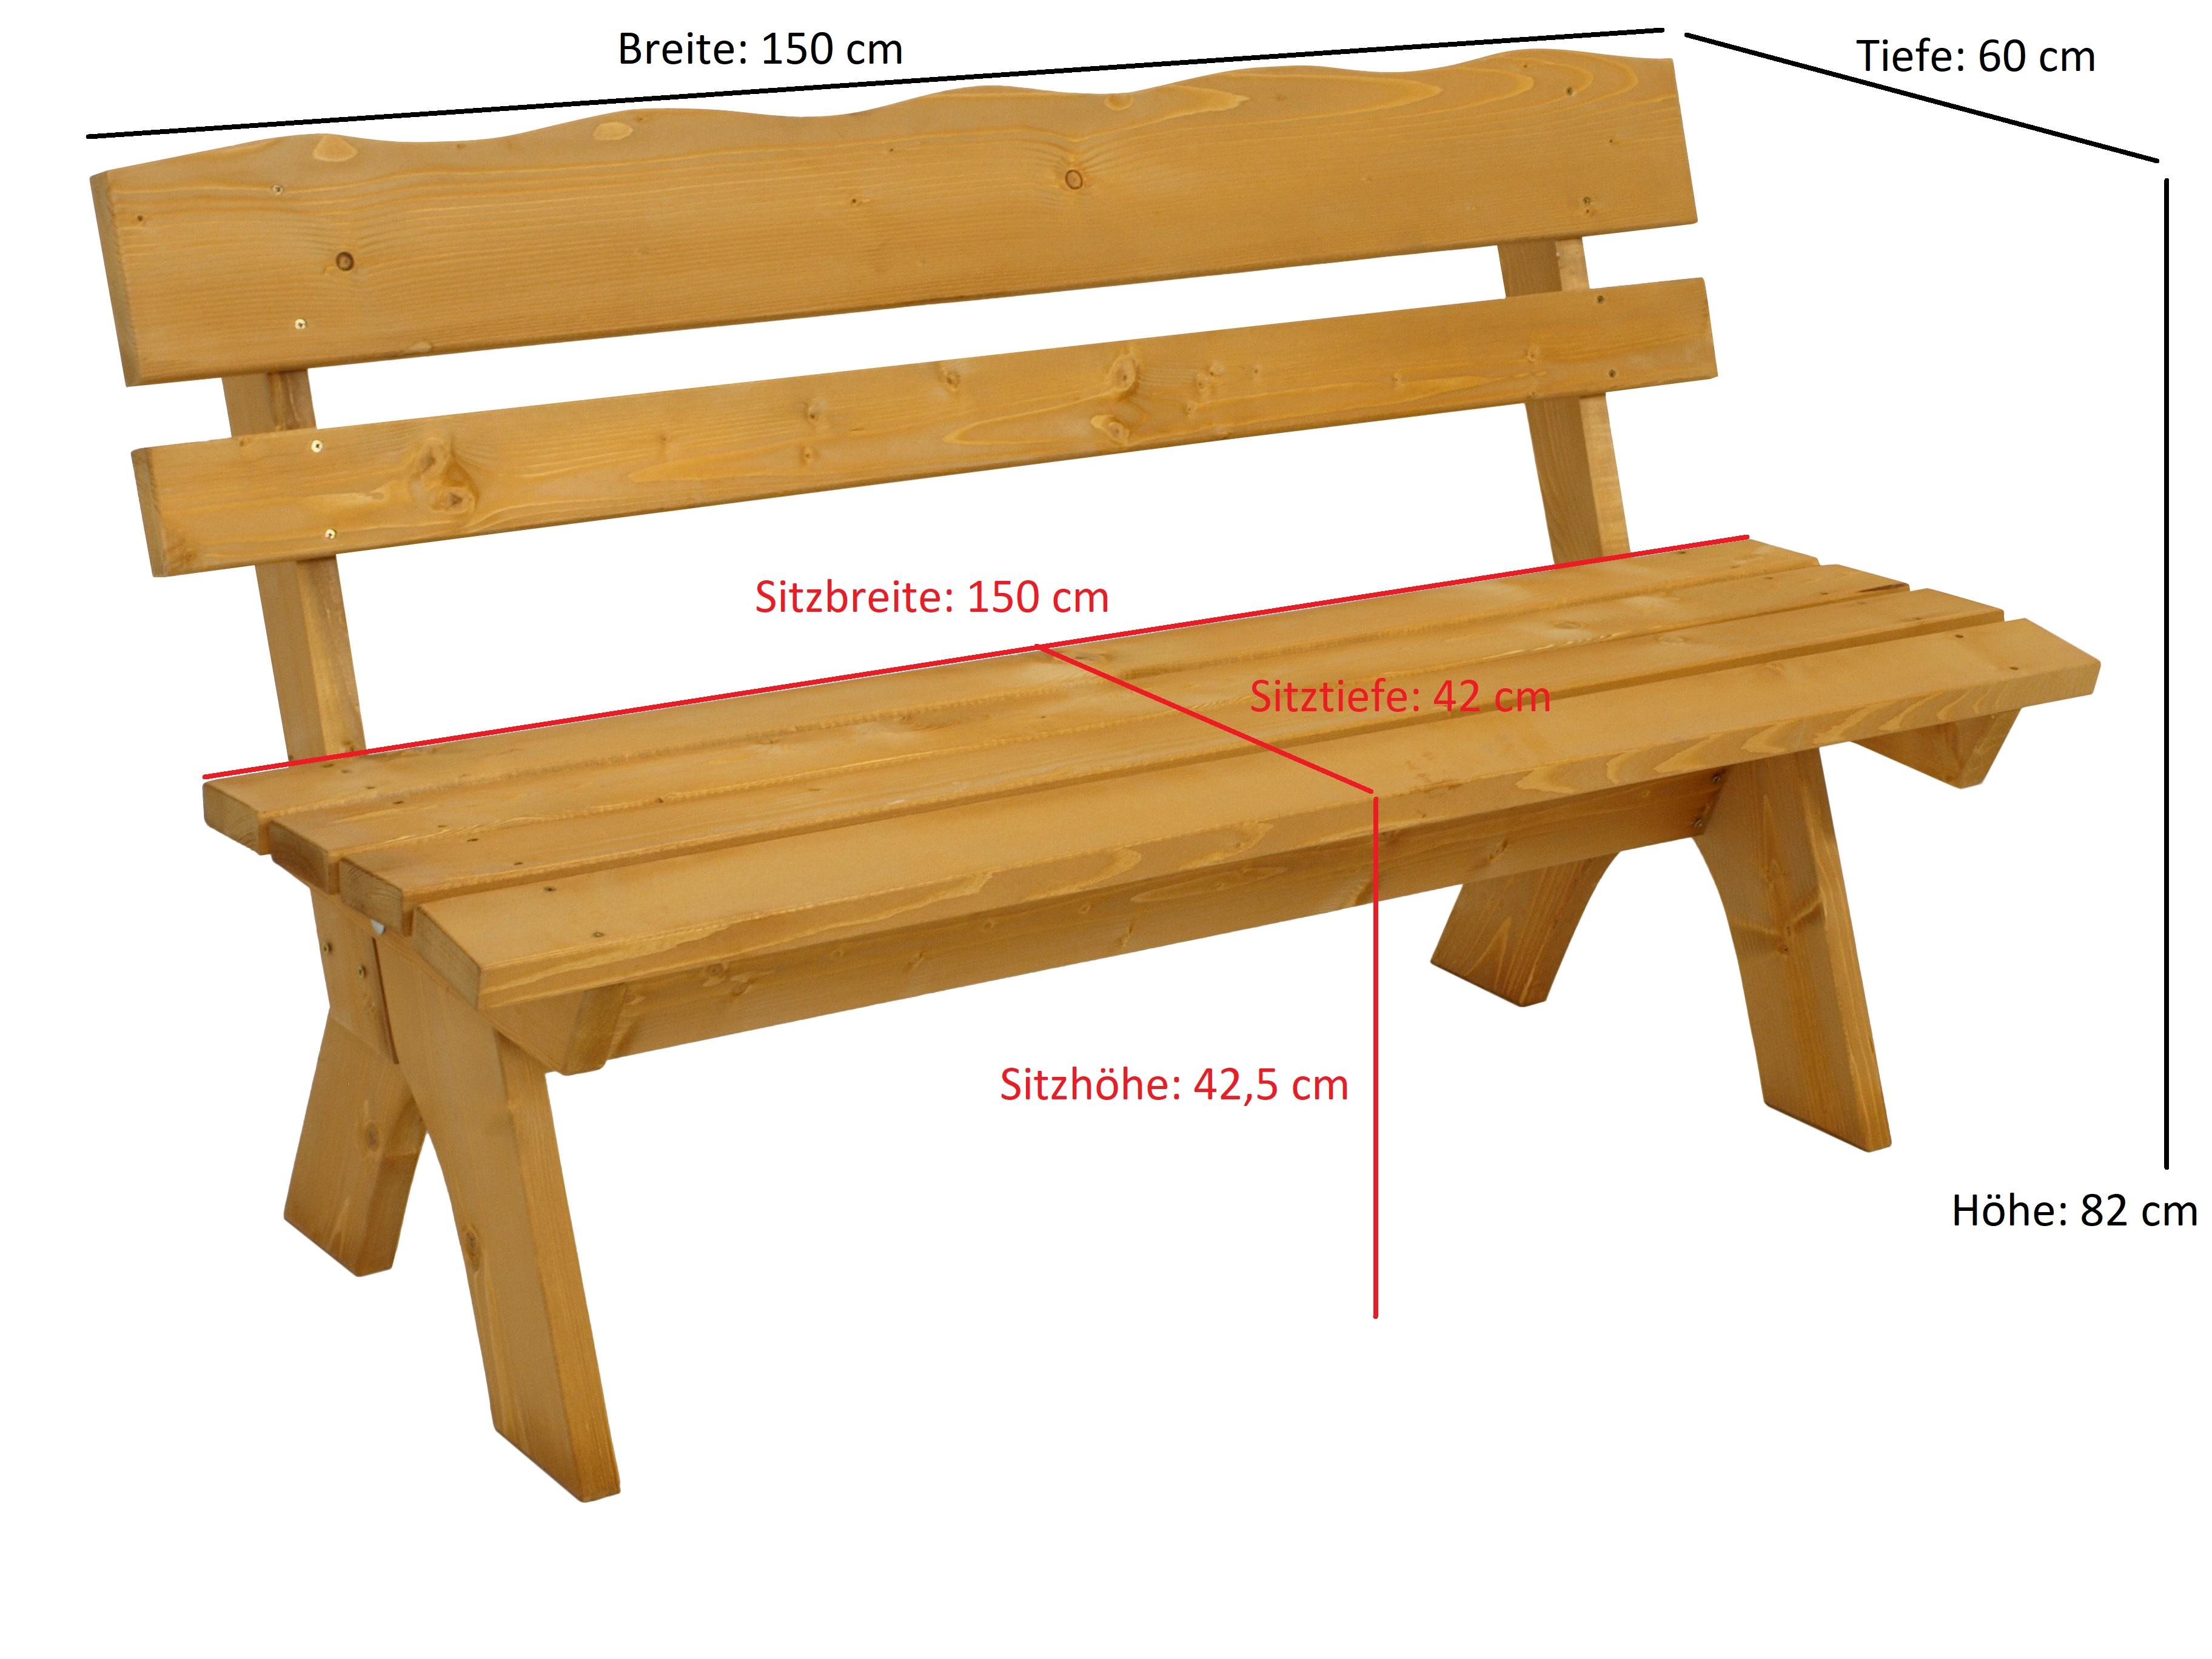 Garnitur FREITAL 2-teilig 150cm, Kiefer imprägniert